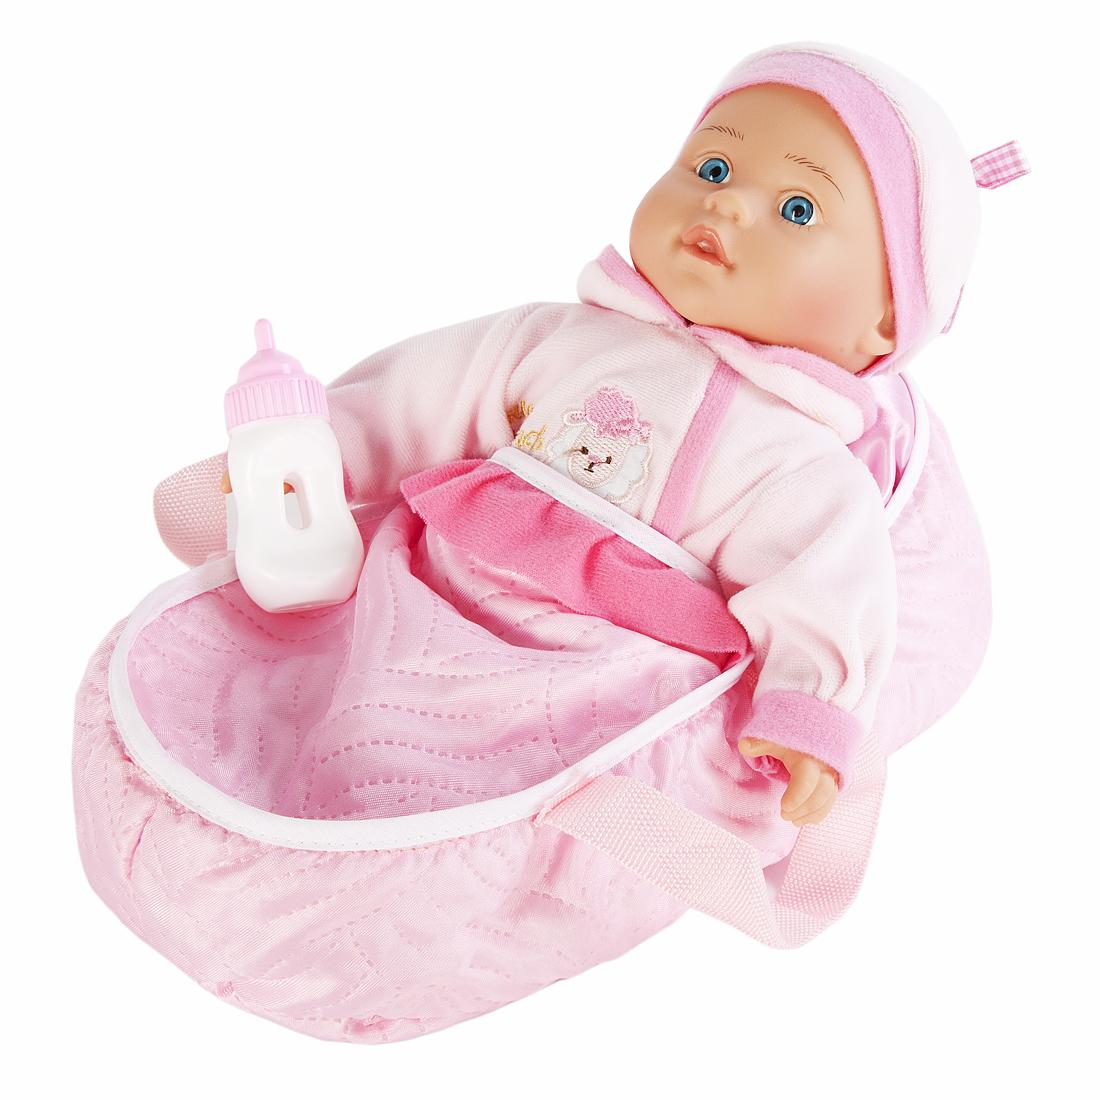 Пупсы Mary Poppins Кукла Mary Poppins «Мой первый малыш» розовый mary poppins mary poppins кукла интерактивная я морщу носик маша page 1